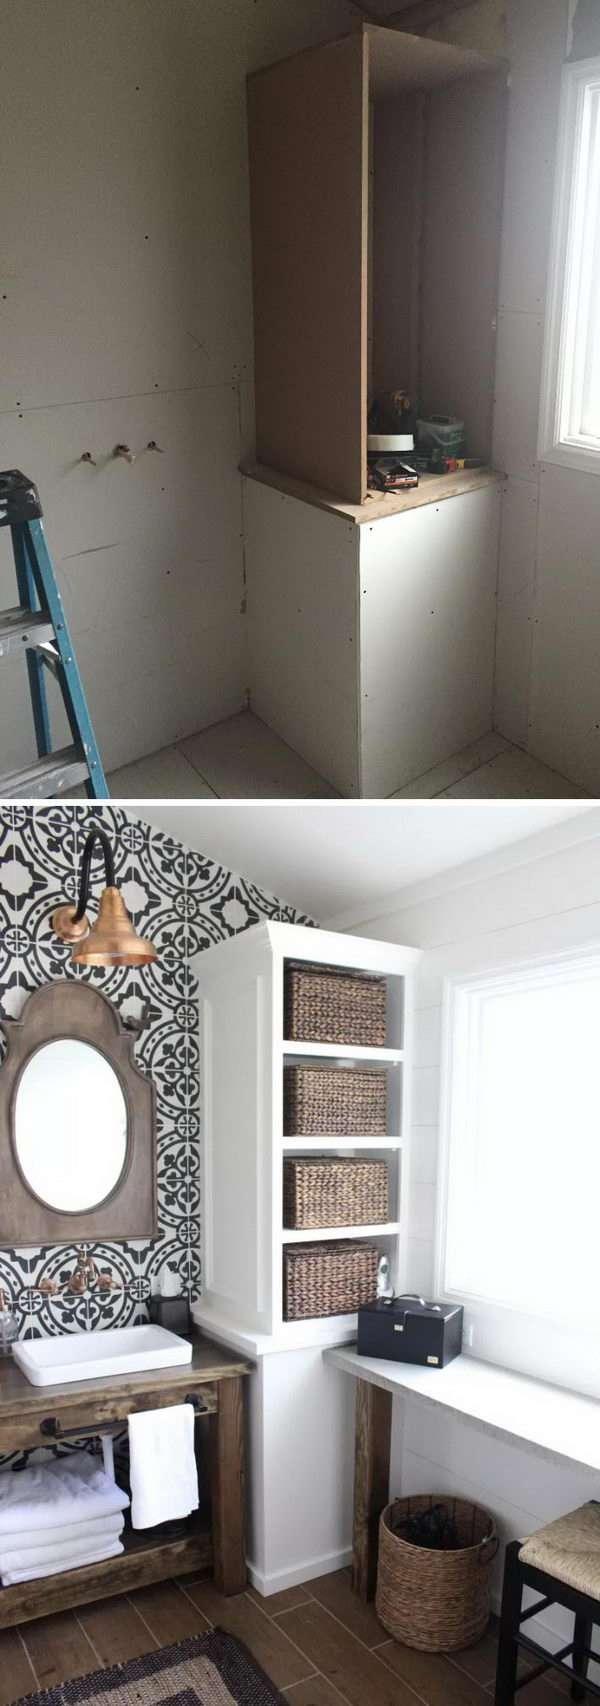 image2-84 | 16 идей преображения старой ванной комнаты